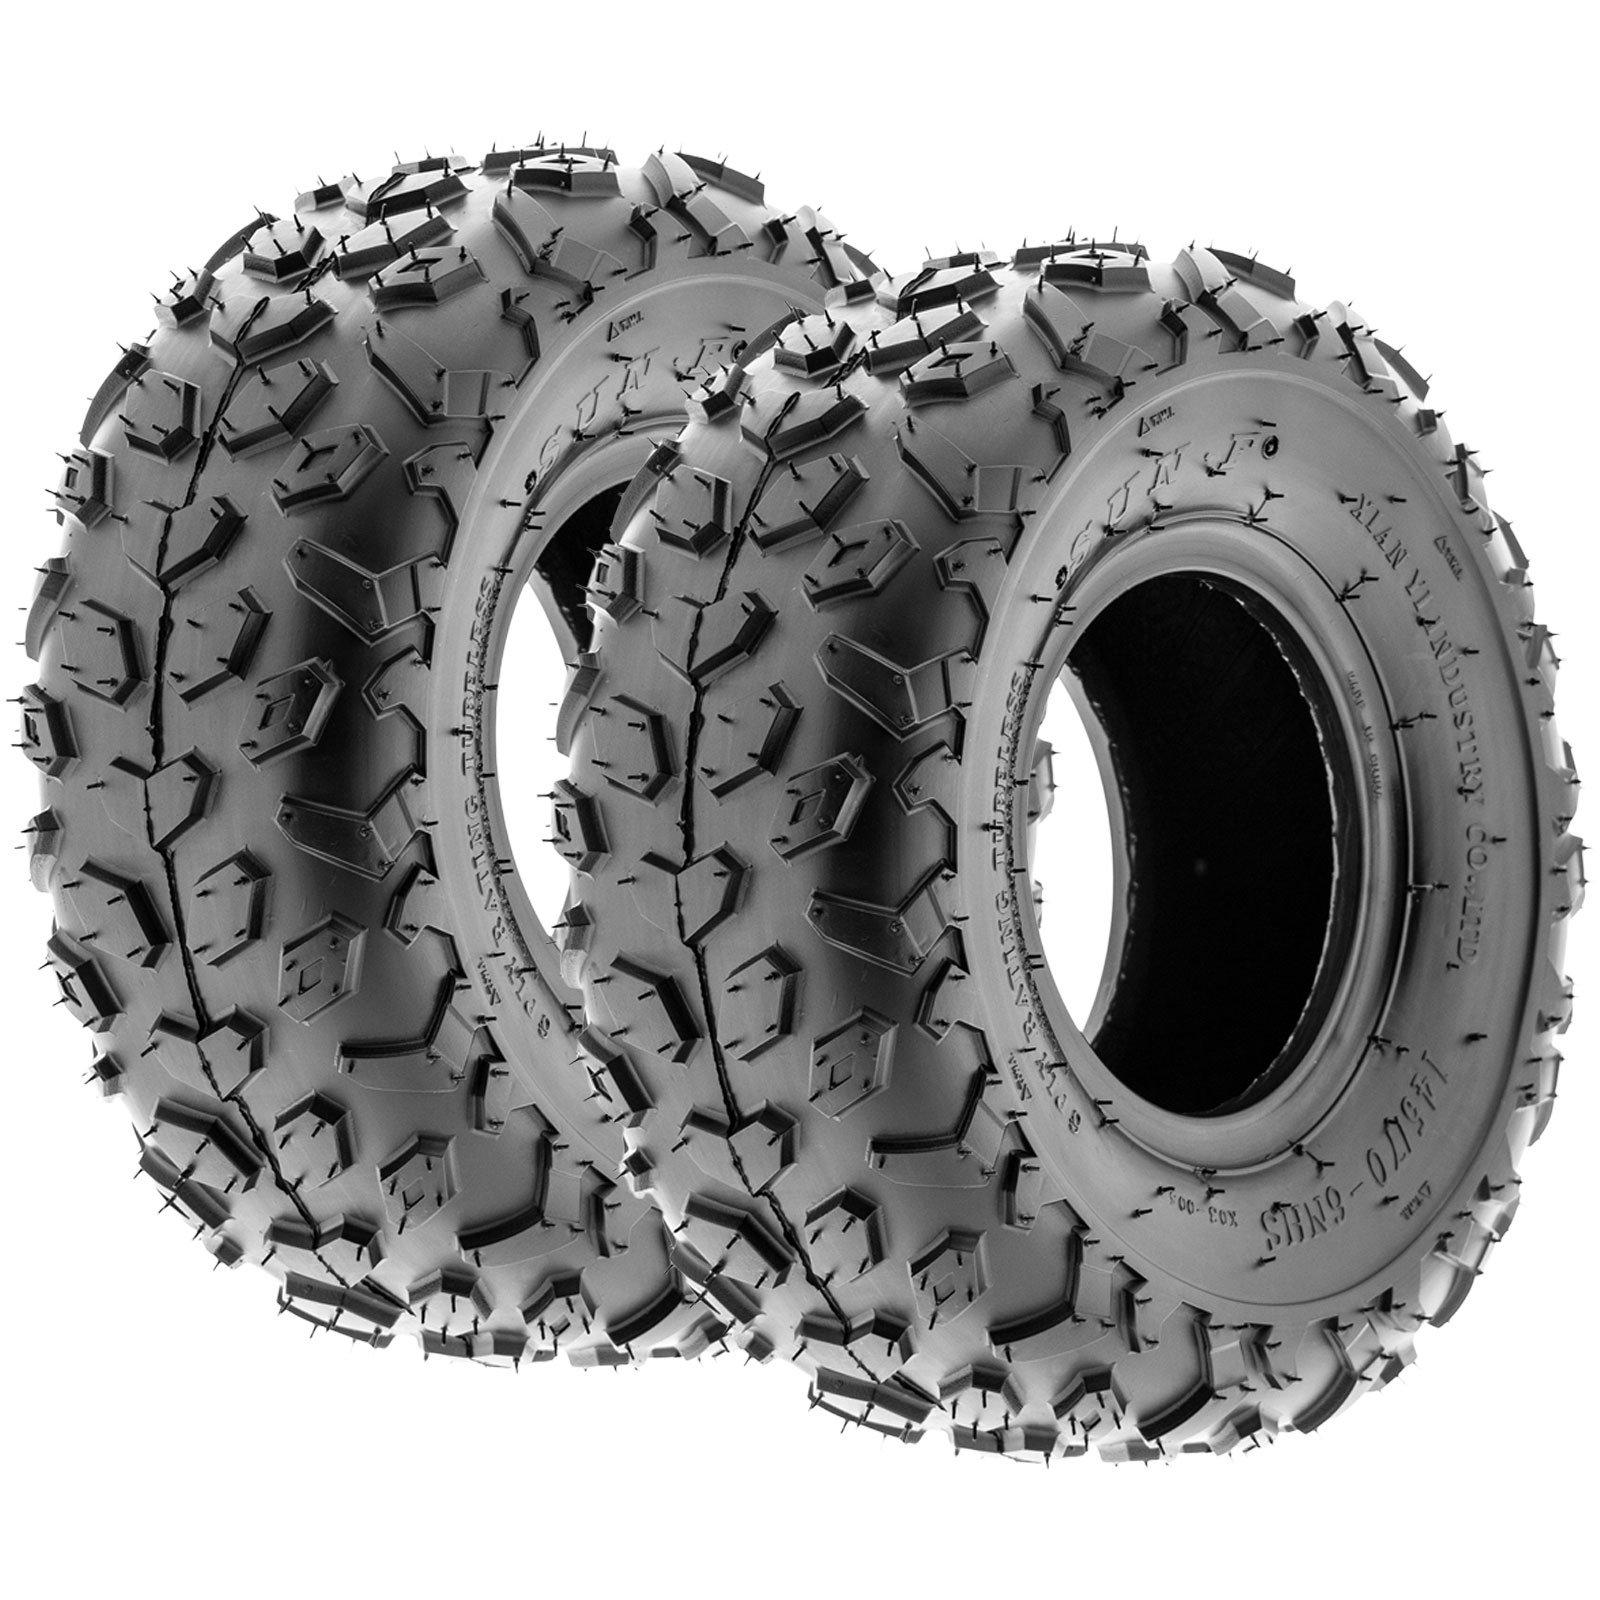 SunF A014 XC-Sport ATV & Go Kart 145/70-6 (14x6-6) Knobby Tires, 6 PR, Tubeless (Pair of 2)